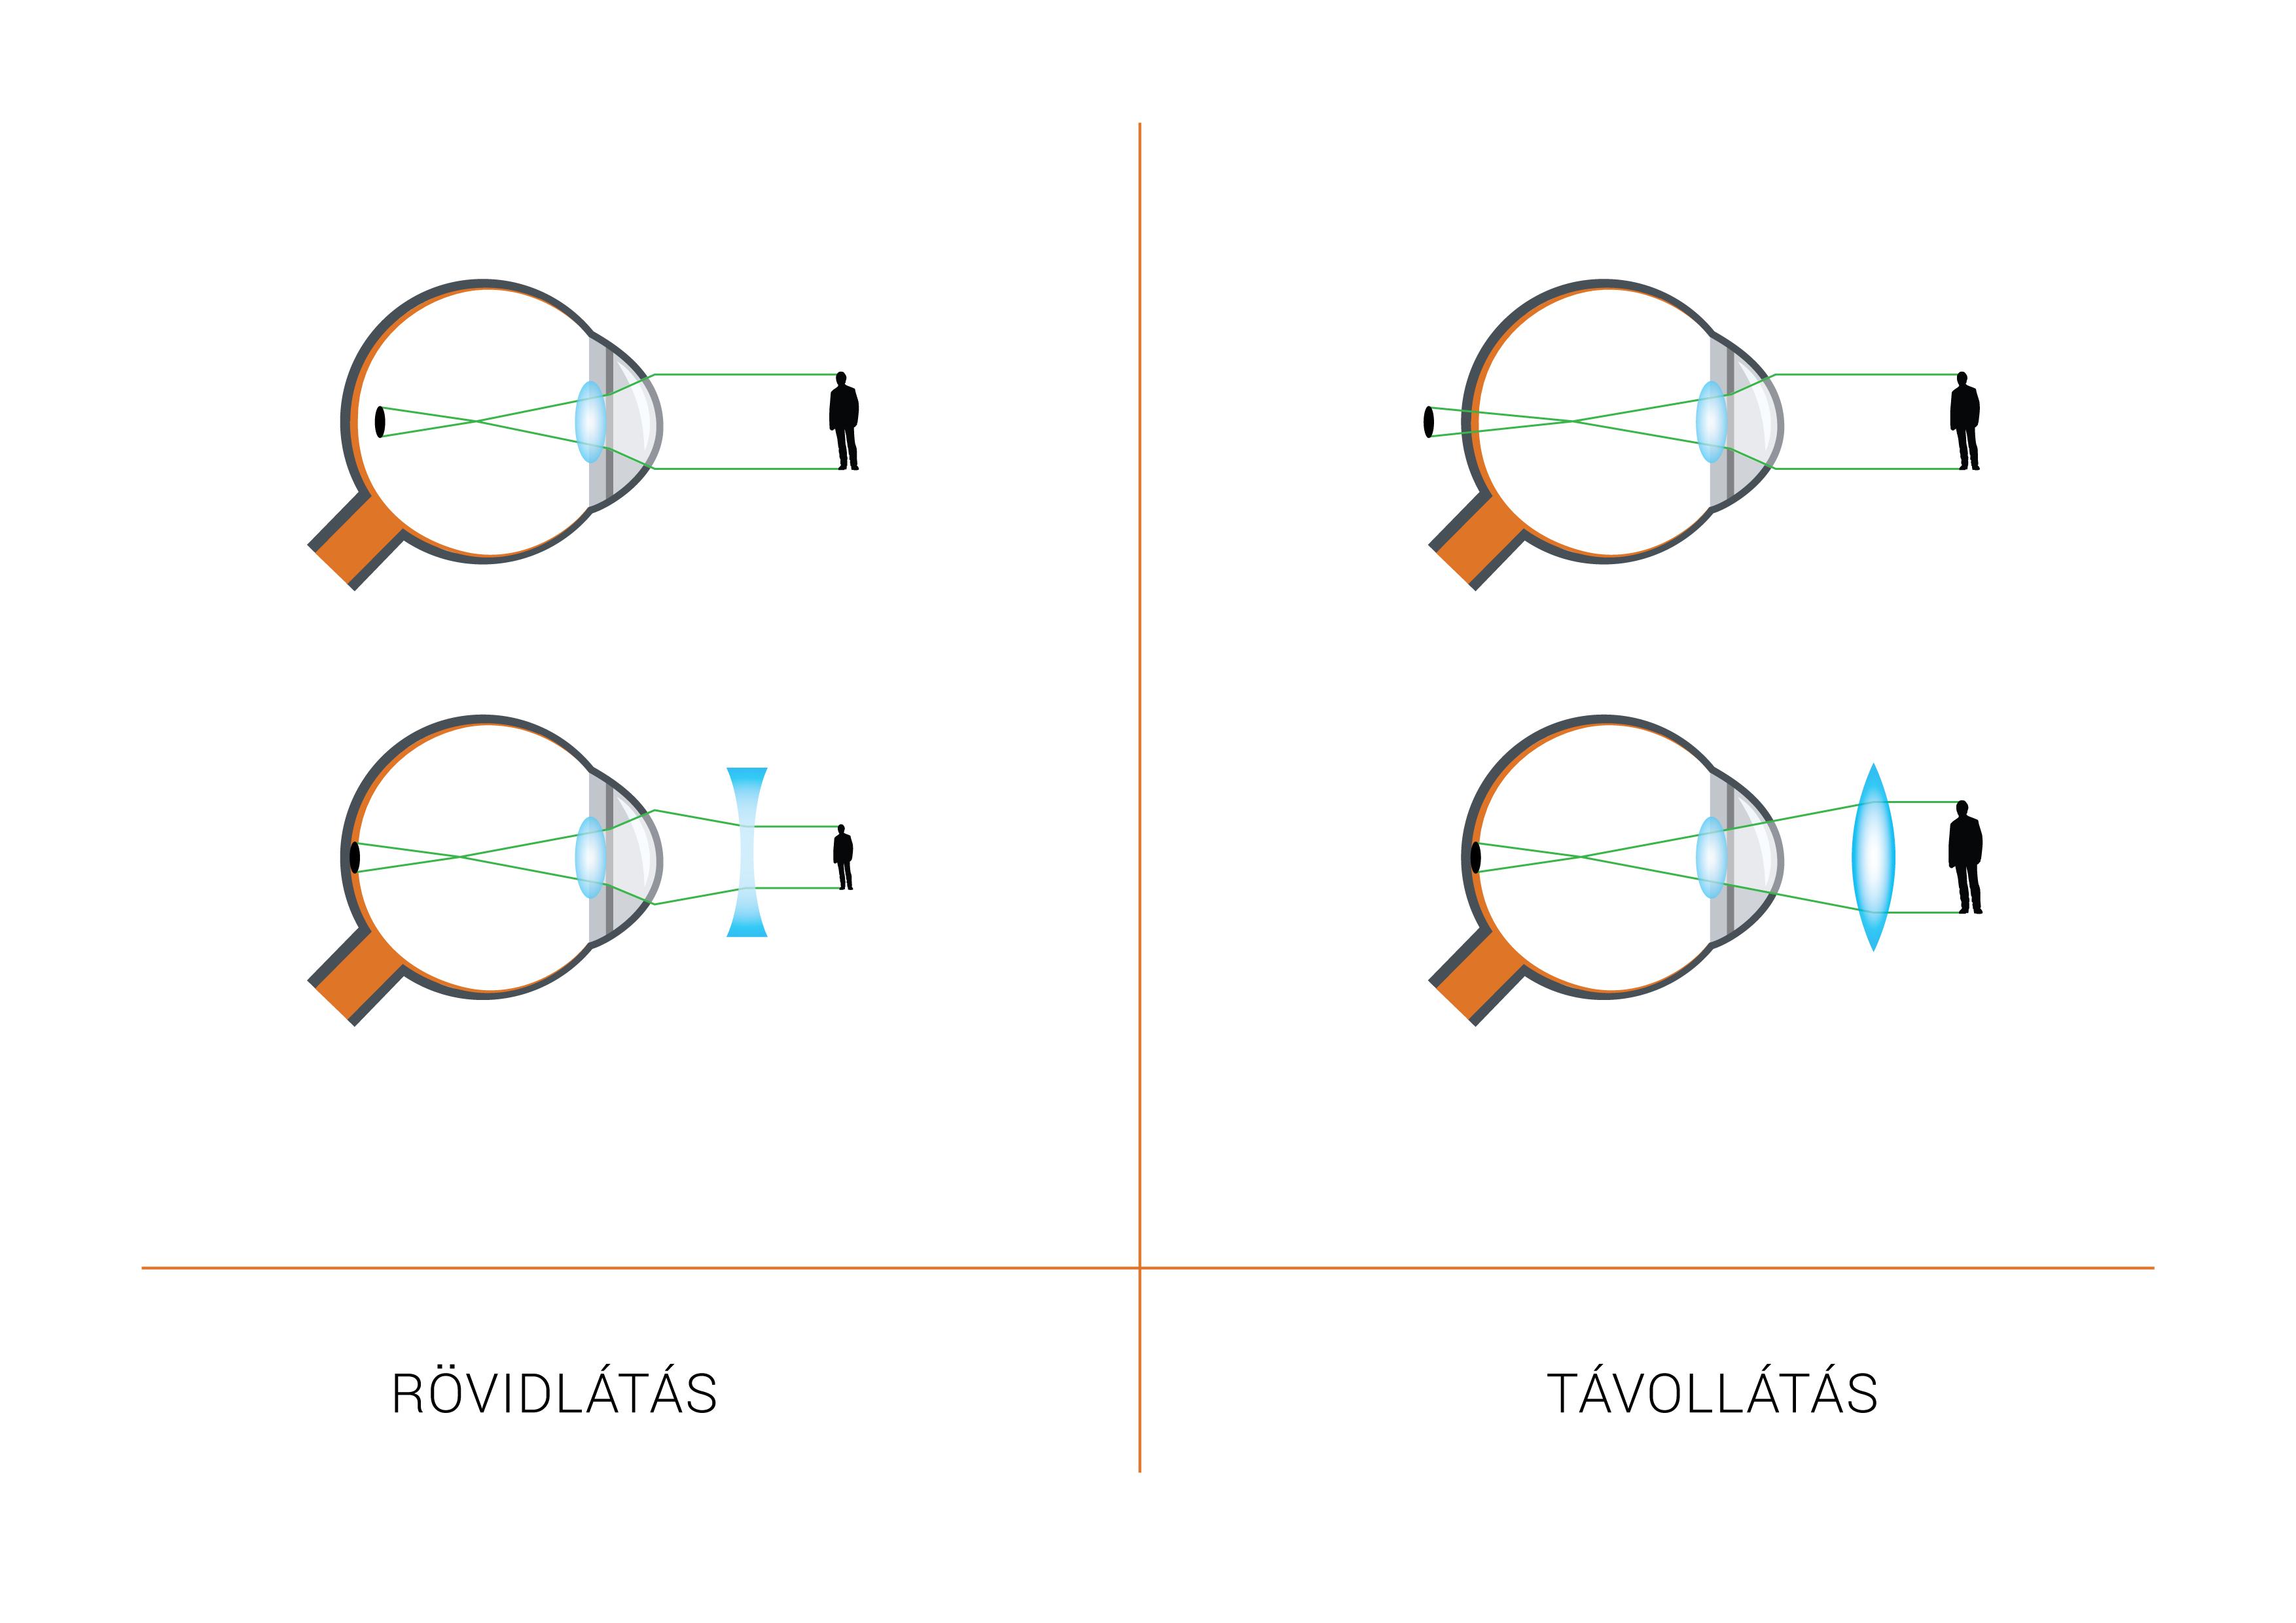 látás 2 dioptria homályos látás szédülés zsibbadás